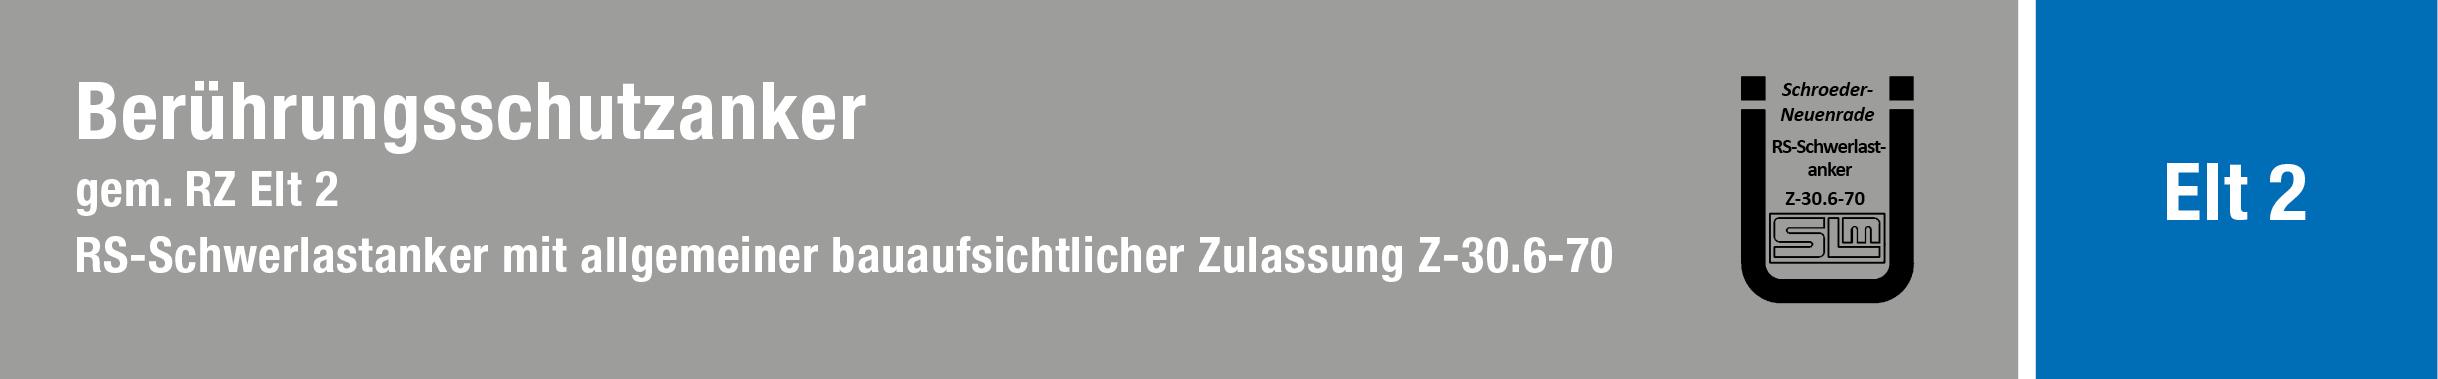 Schroeder Neuenrade - 3 ELT 2